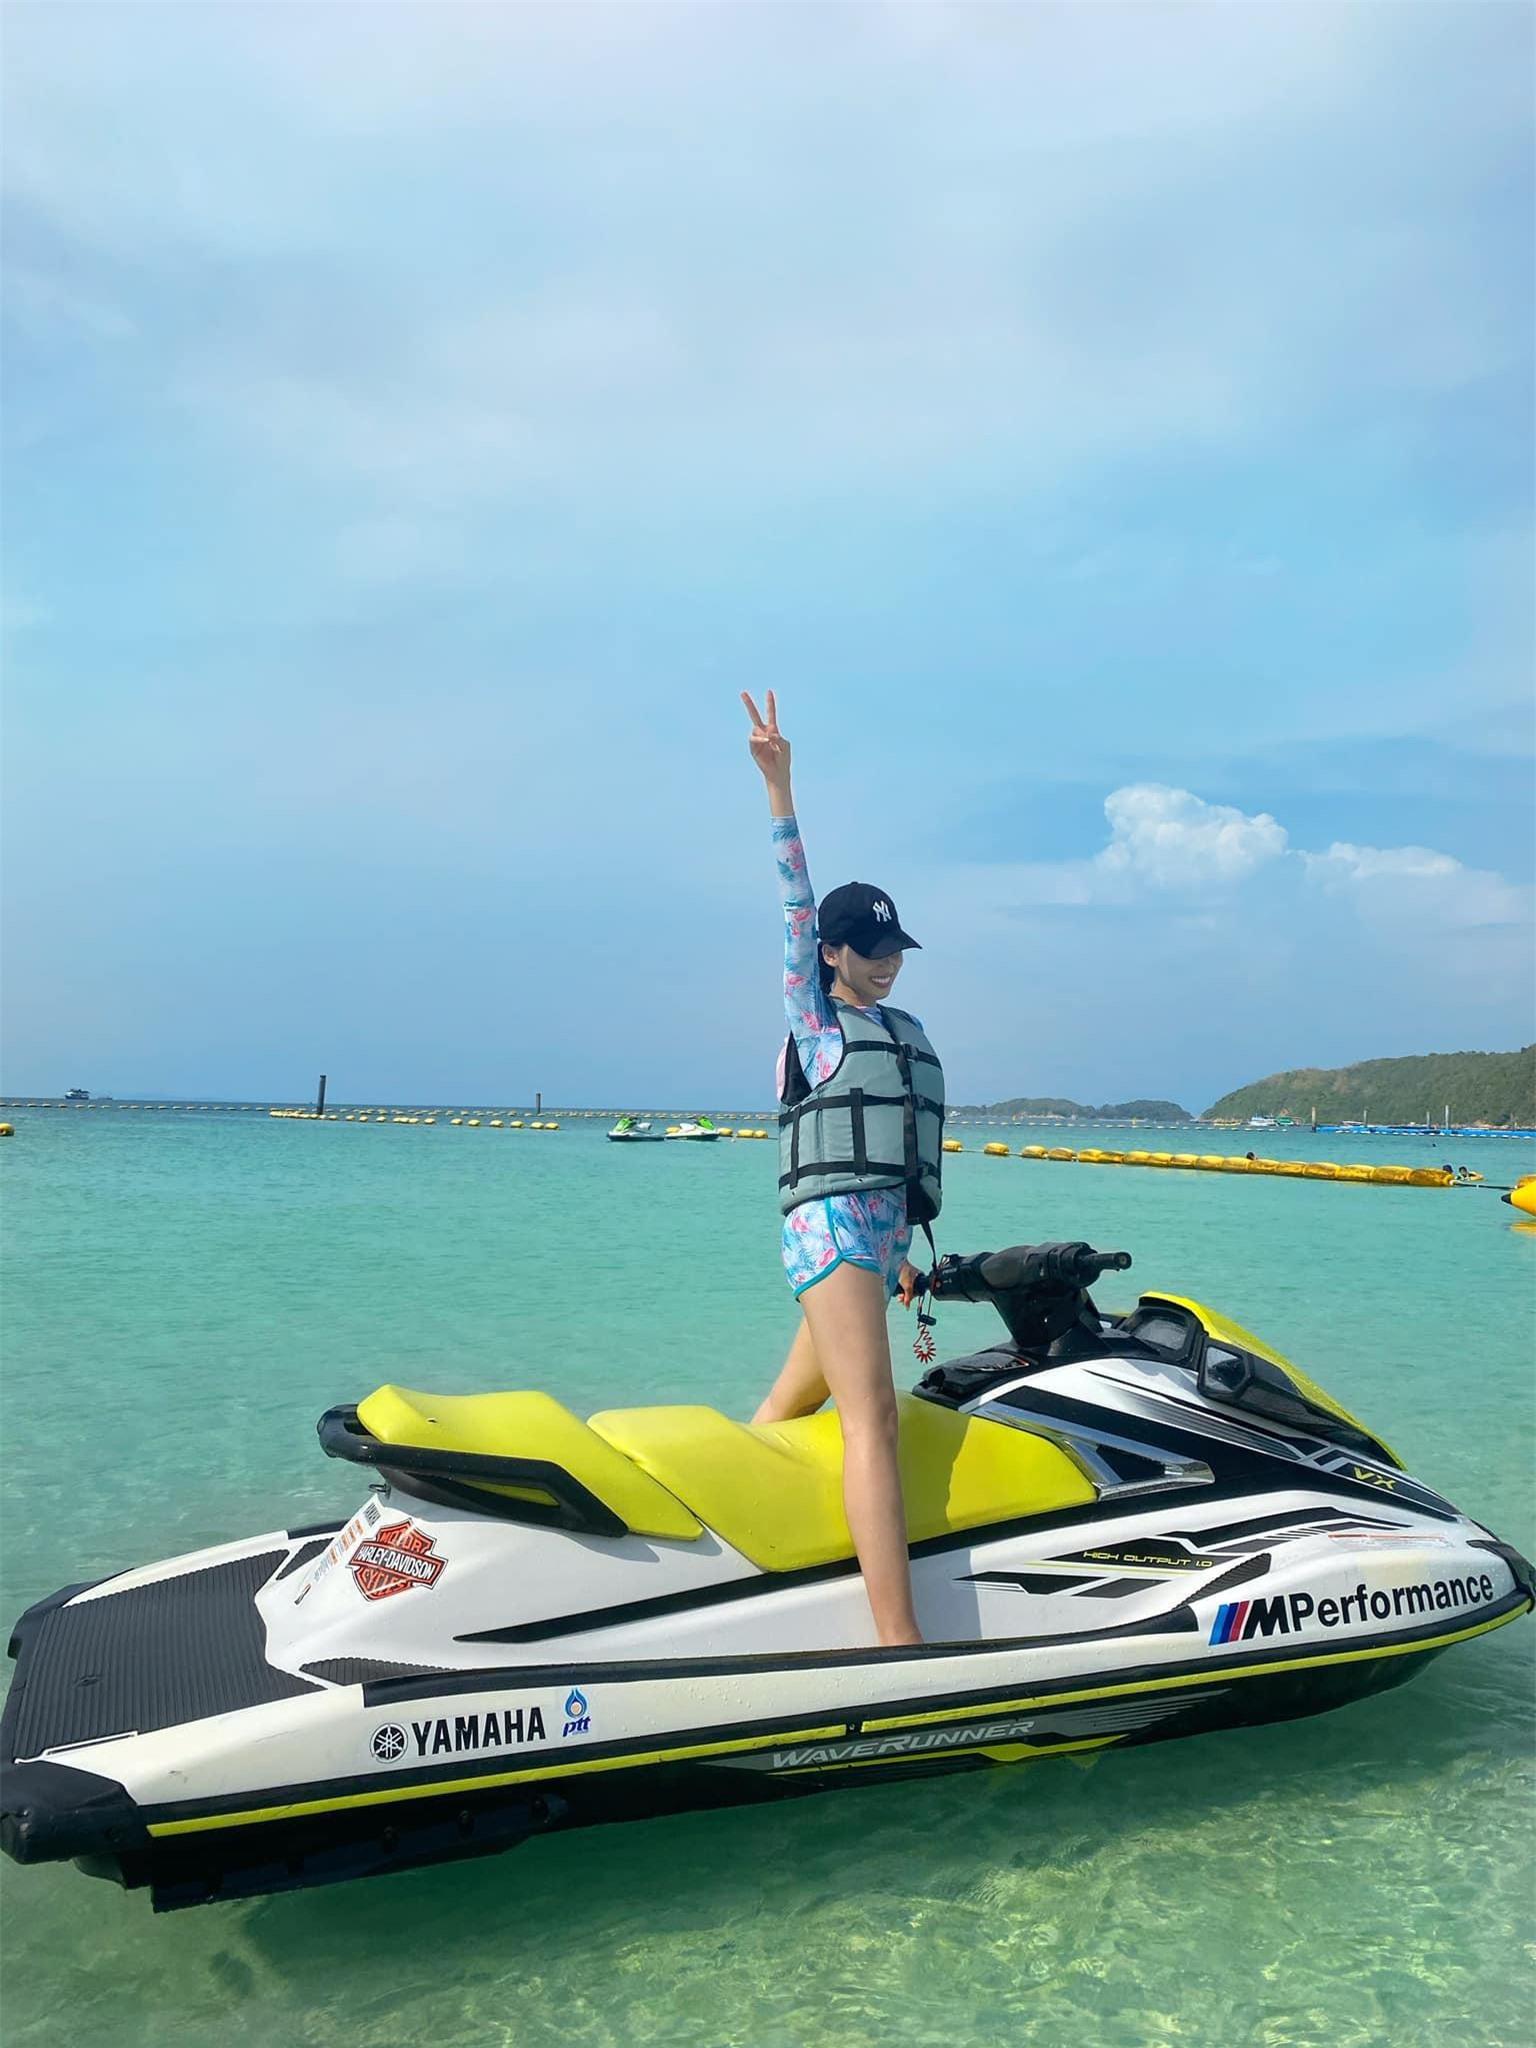 Ngọc Thảo và Hoa hậu Lào mặc đồ đôi, khoe chân dài miên man trên biển Thái Lan ảnh 5